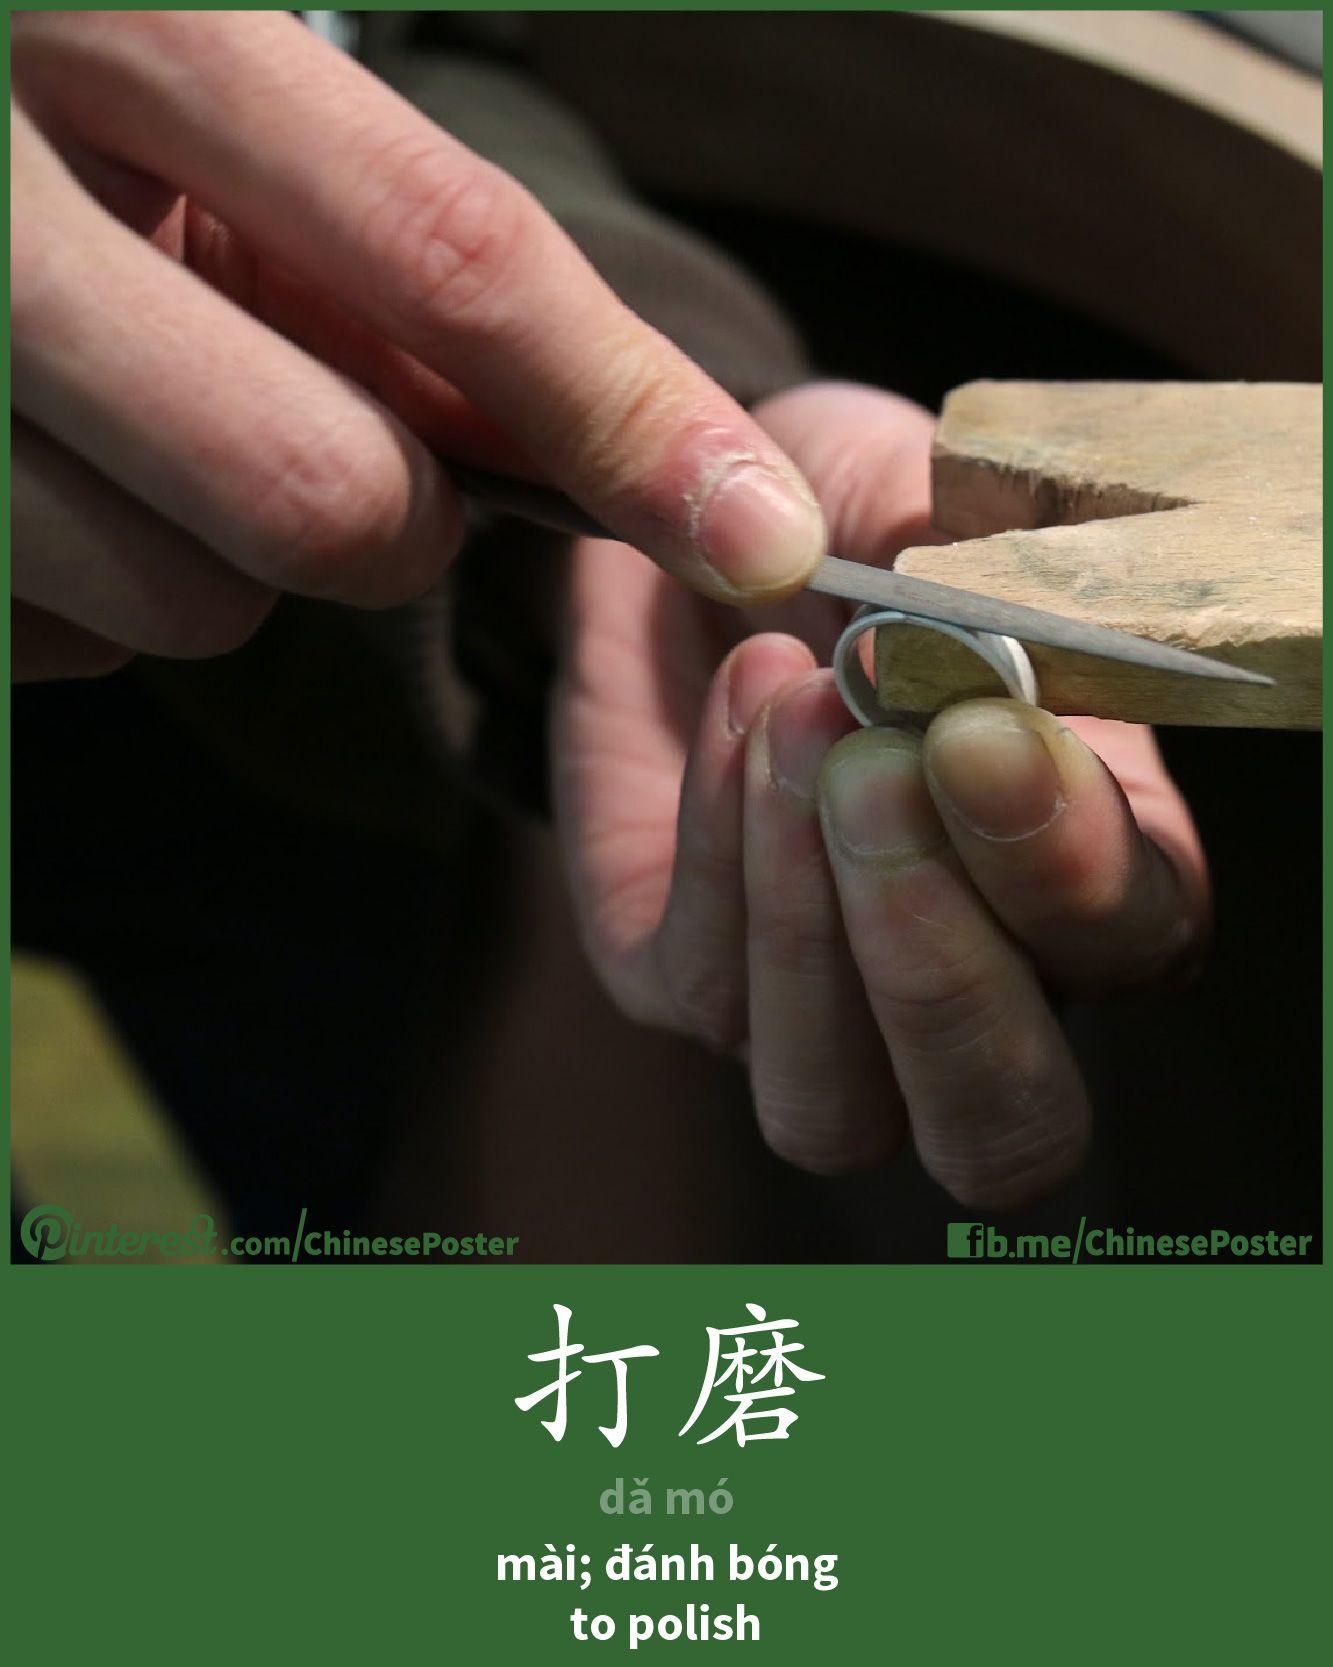 打磨 - dǎ mó - mài; đánh bóng - to polish